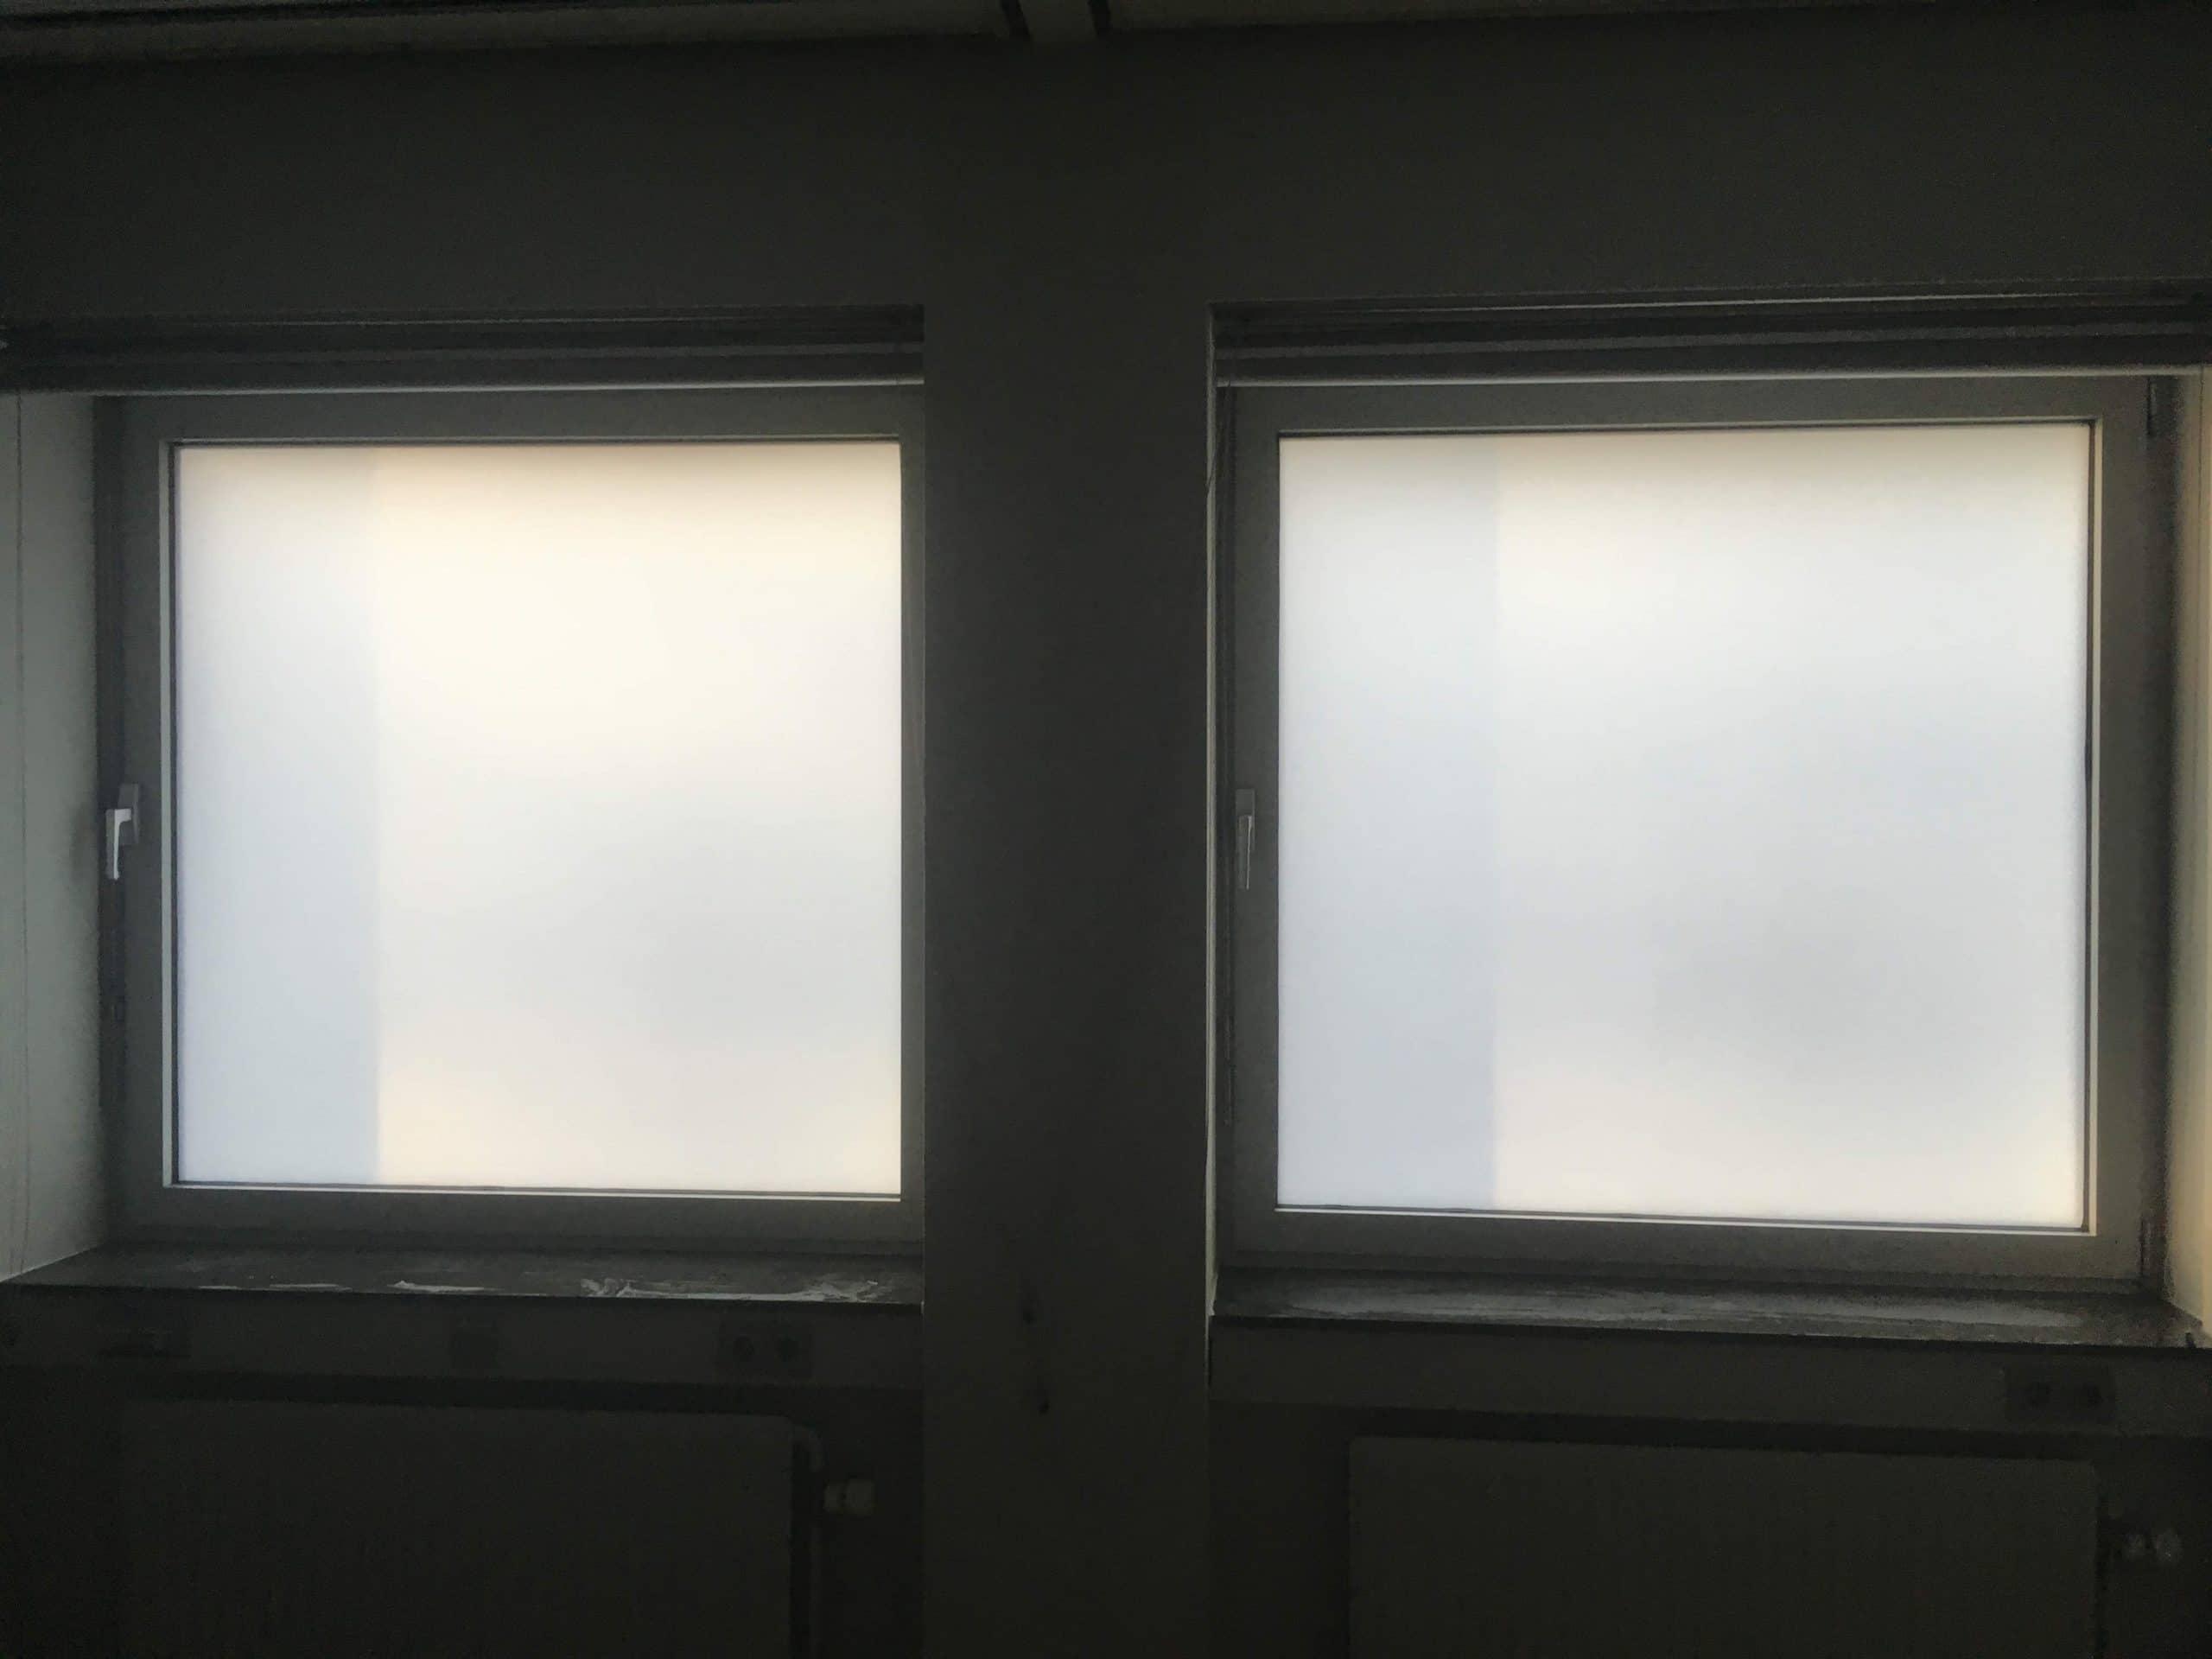 Alsof het glas gezandstraald is, zo ziet het glas eruit na de montage van glassetch van Sunblock. 100% privacy en toch zeer veel daglicht